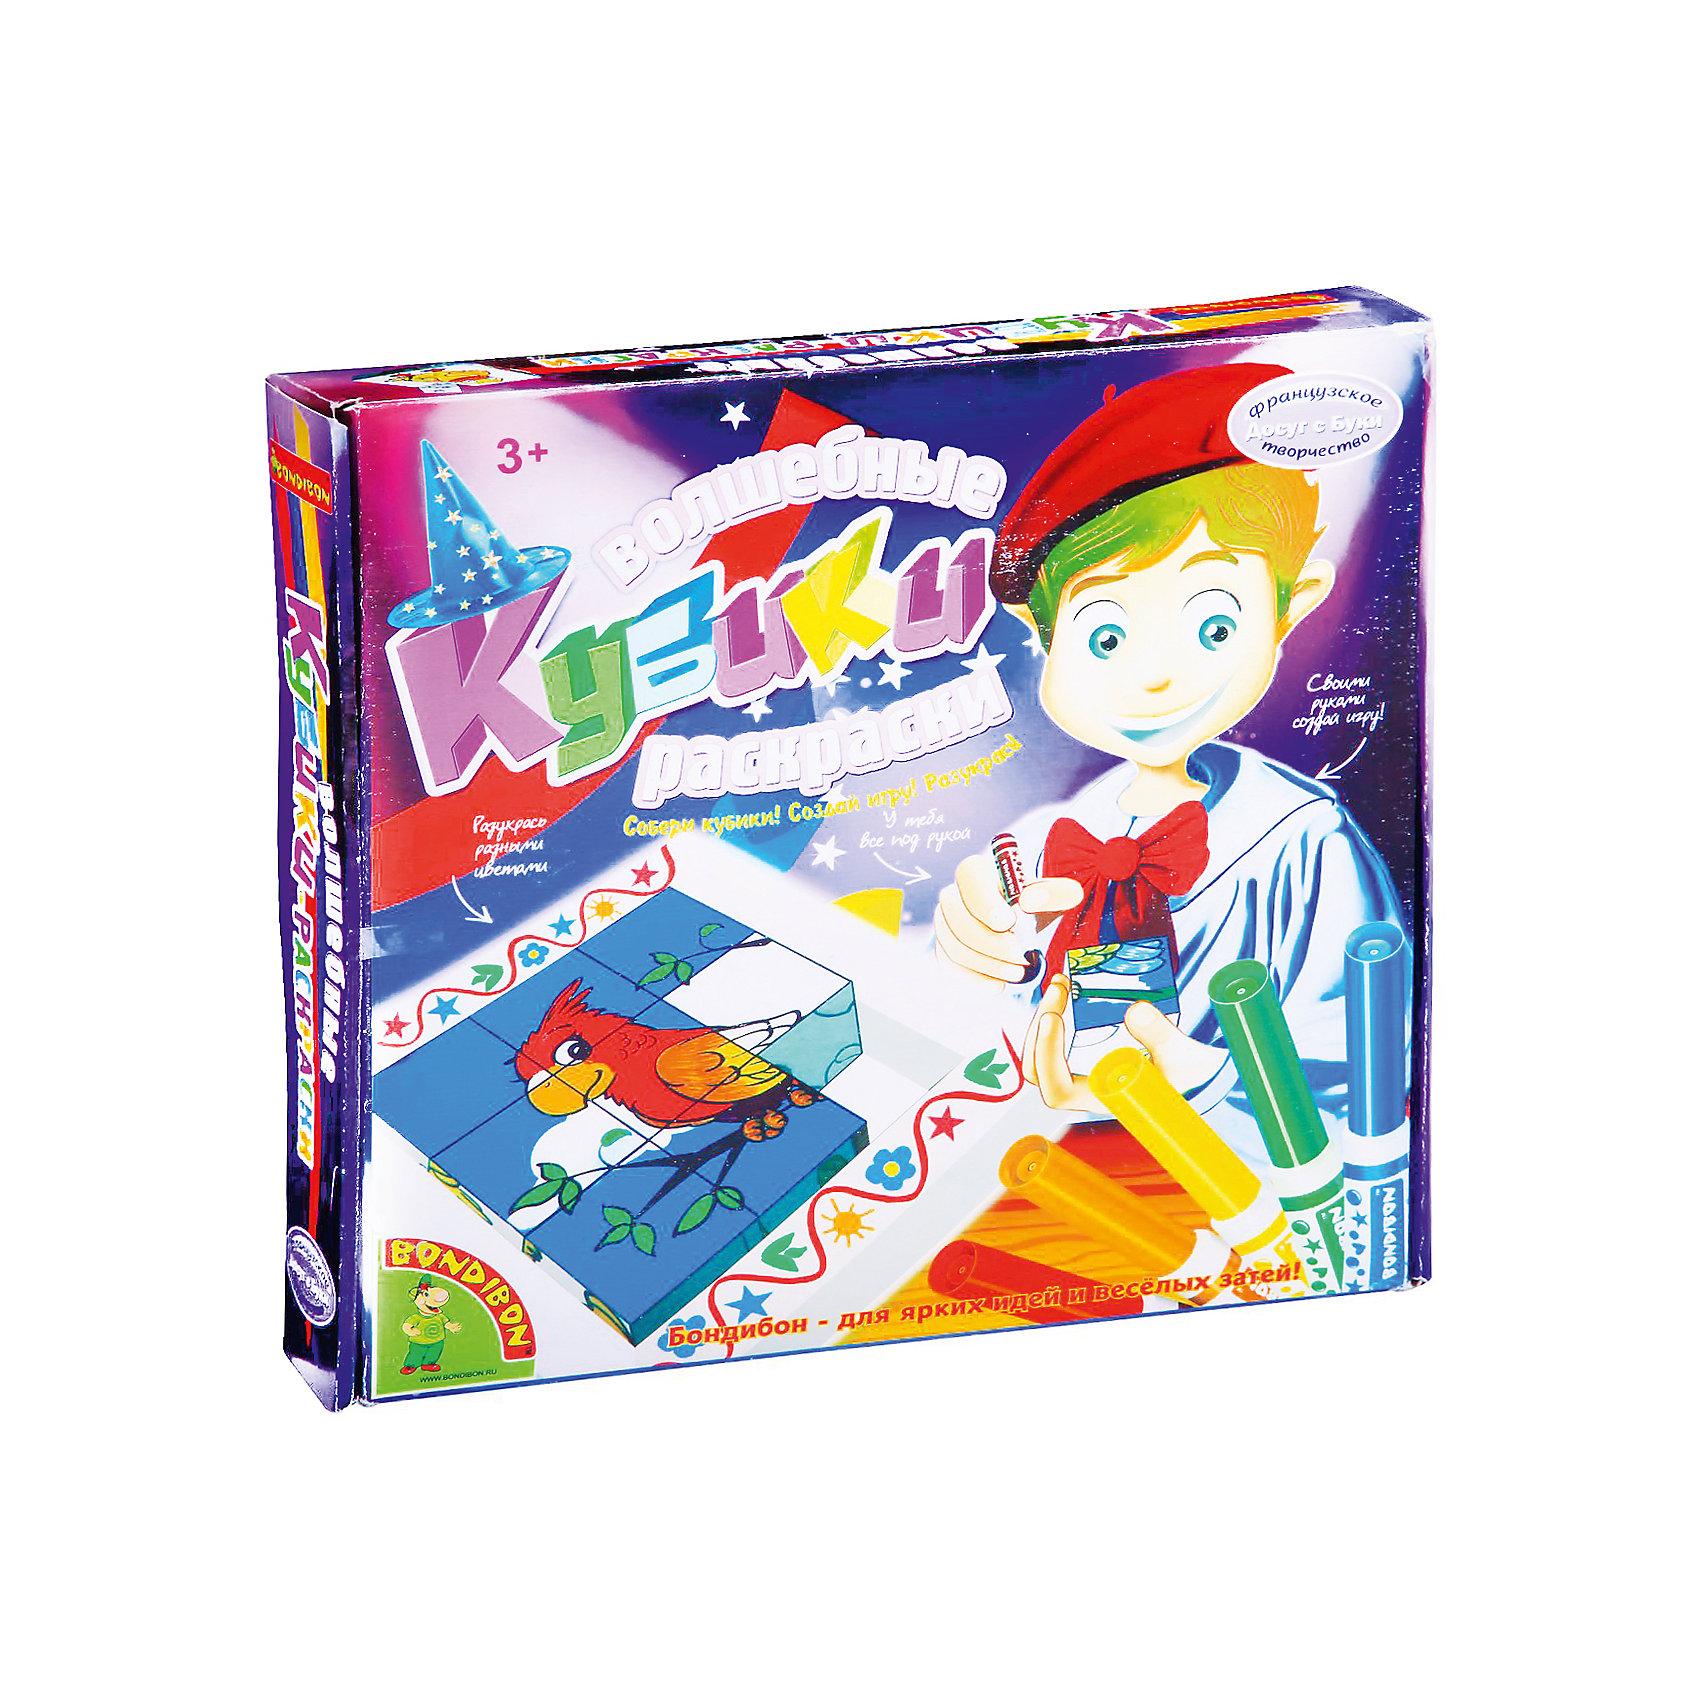 Волшебные Кубики-раскраски, BondibonКубики<br>Волшебные кубики-раскраски, Bondibon (Бондибон). <br><br>Характеристика:<br><br>• Материал: бумага, картон.<br>• Размер упаковки: 27х4х26 см. <br>• Высота кубика: 6 см.<br>• Комплектация: 9 кубиков, рамка, 6 фломастеров (розового, красного, оранжевого, желтого, зеленого и синего цвета).<br>• Набор развивает моторику рук, фантазию и внимание. <br><br>Дети обожают играть с кубиками! А если кубики сделаны своими руками, с ними приятнее играть вдвойне! Этим замечательным набором ваш ребенок сможет сам раскрасить яркие кубики с забавными картинками и придумывать с ними веселые игры. <br><br>Волшебные кубики-раскраски, Bondibon (Бондибон), можно купить в нашем интернет-магазине.<br><br>Ширина мм: 270<br>Глубина мм: 40<br>Высота мм: 260<br>Вес г: 408<br>Возраст от месяцев: 36<br>Возраст до месяцев: 72<br>Пол: Унисекс<br>Возраст: Детский<br>SKU: 5124513